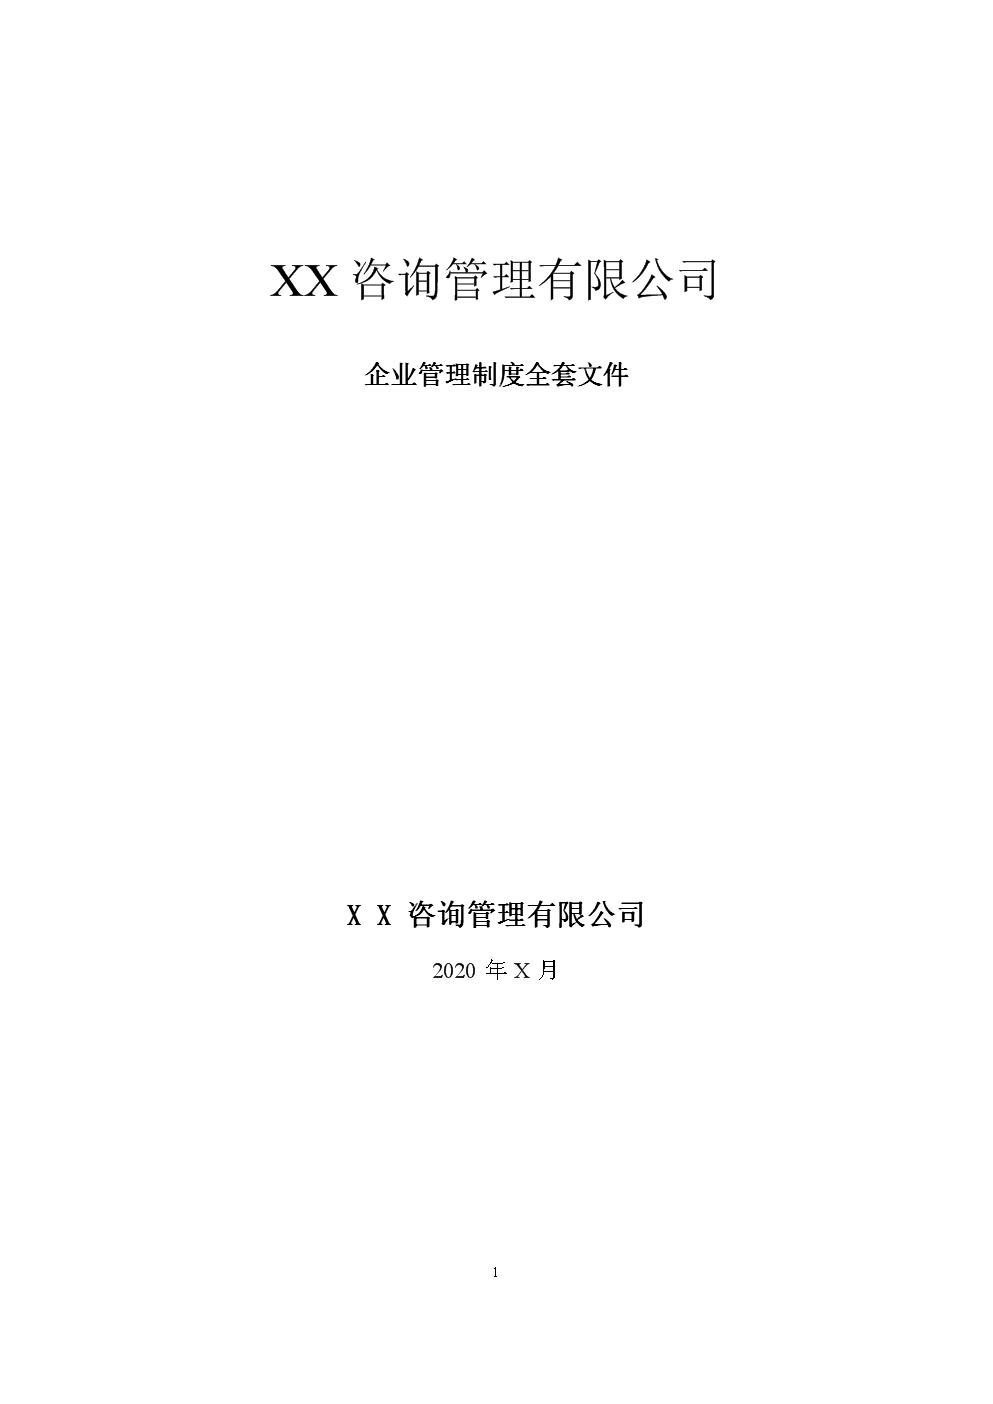 某企业管理咨询公司全套管理制度完整版(拿来即用).doc